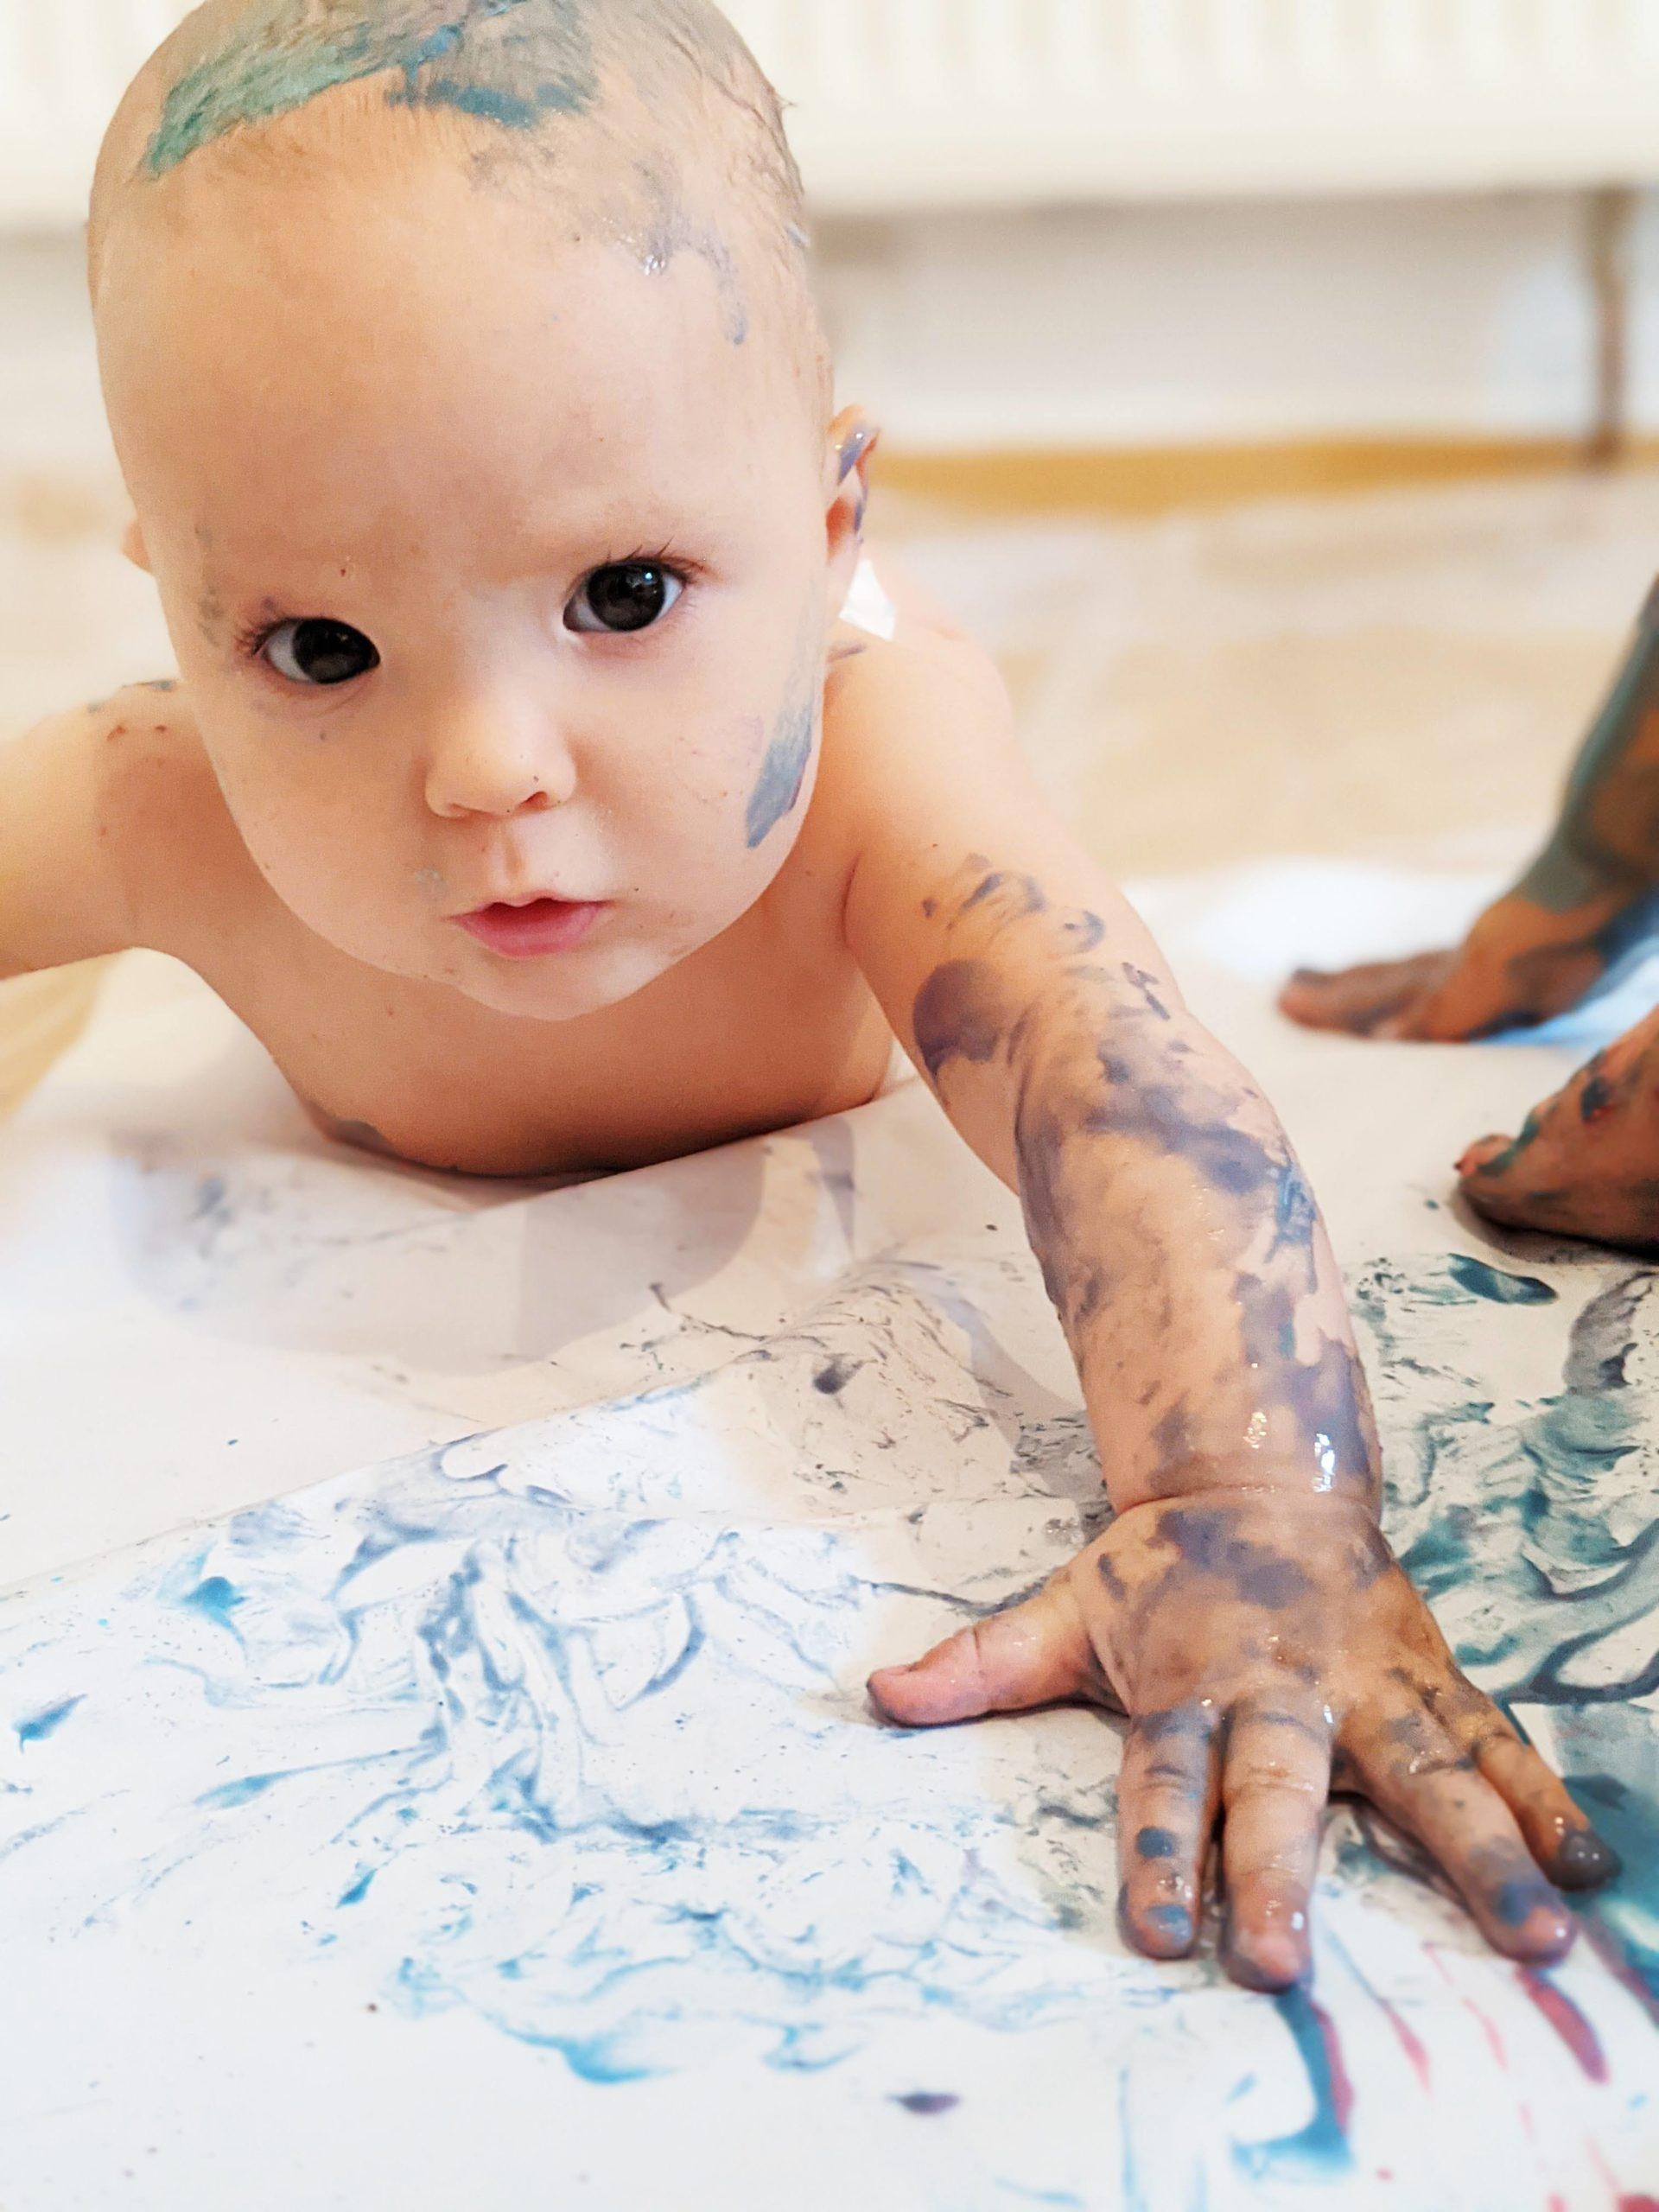 Le 24/07, atelier peinture bébé chez 123 SOLENE, 13001 – 9H30